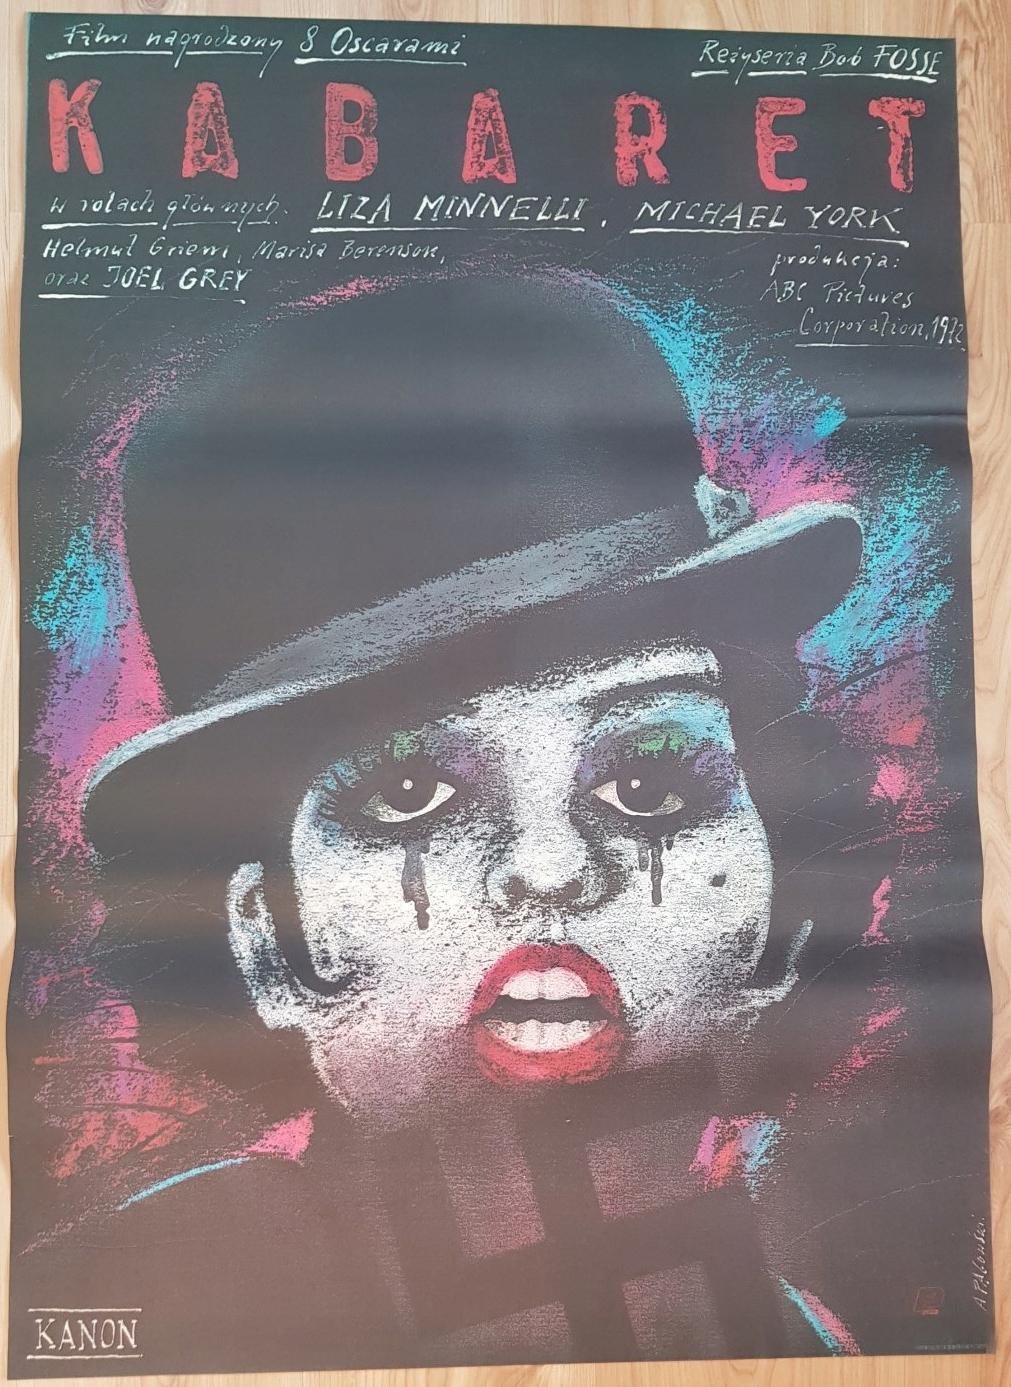 Kabaret Oryginalny Plakat Pągowski 1988 B1 Ideał